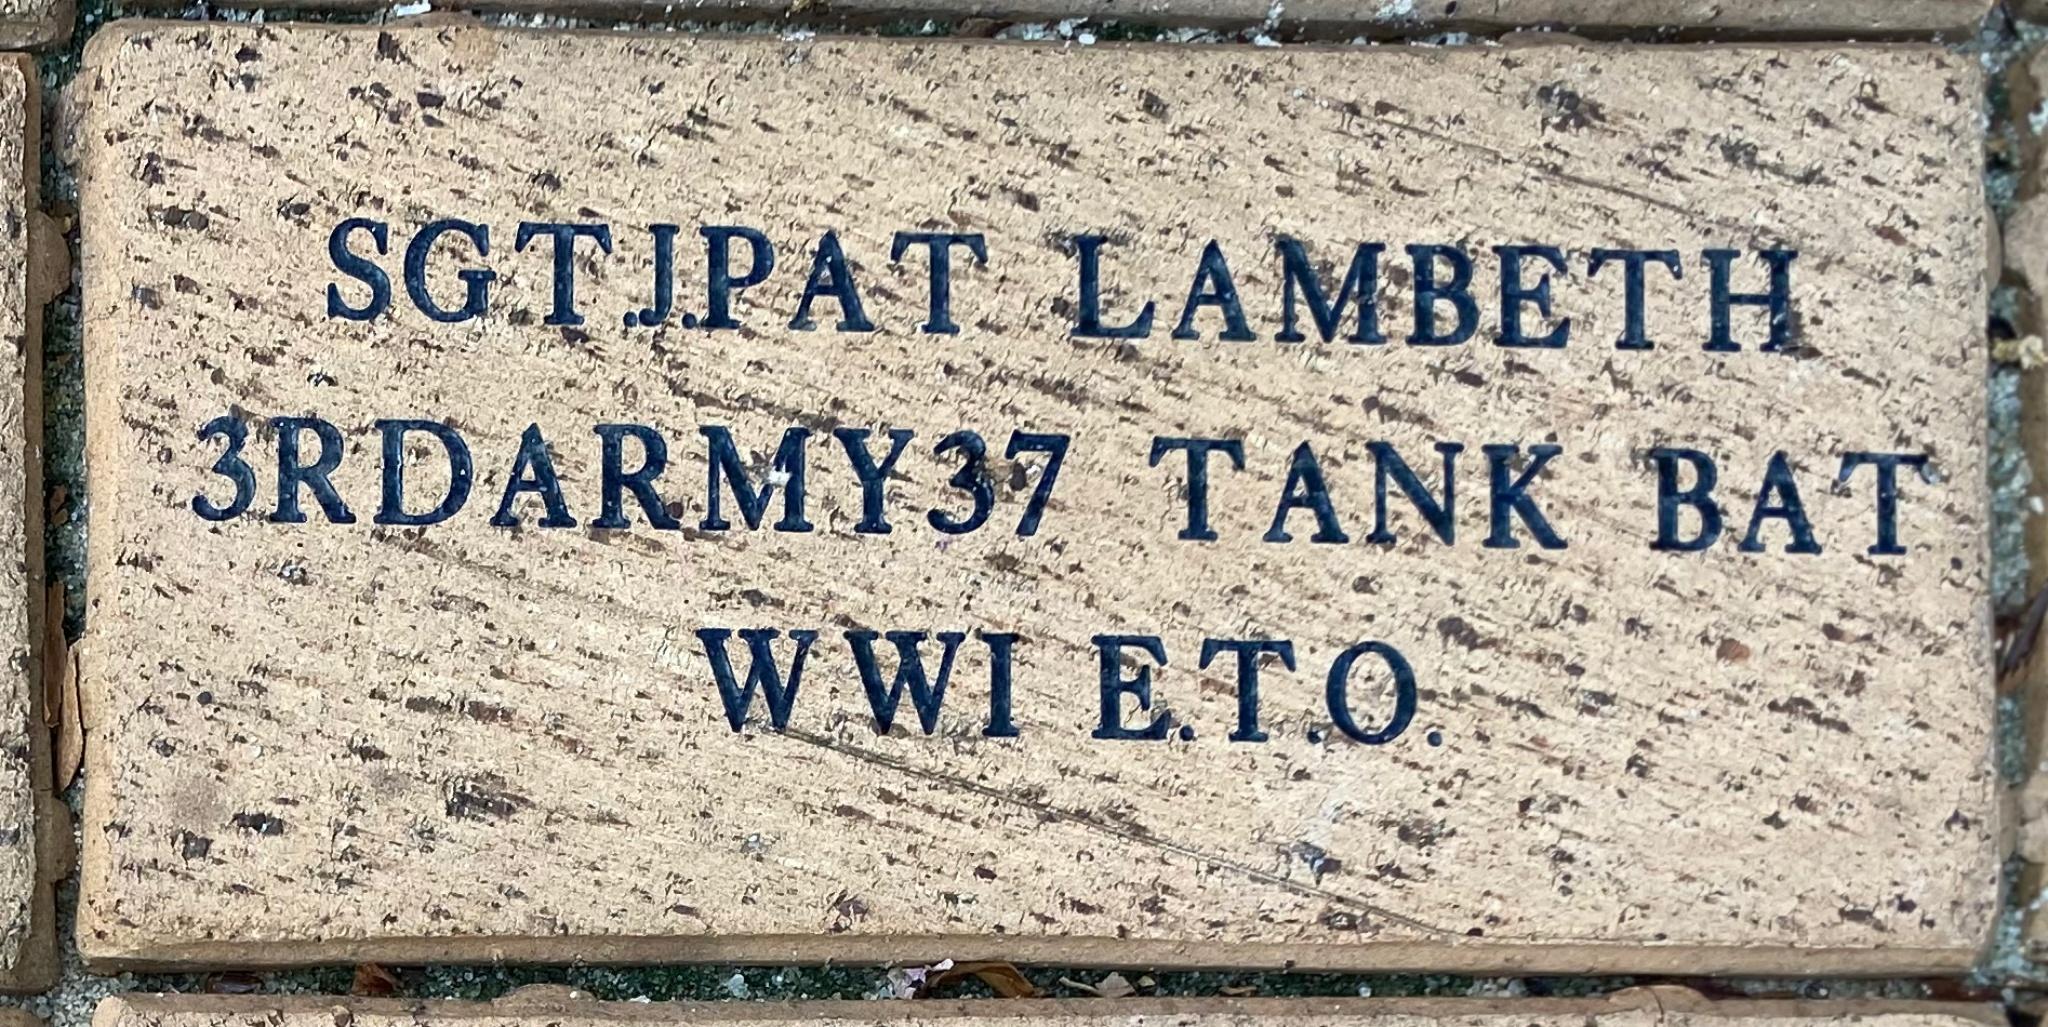 SGT J.PAT LAMBETH 3RDARMY37 TANK BAT WWI E.T.O.